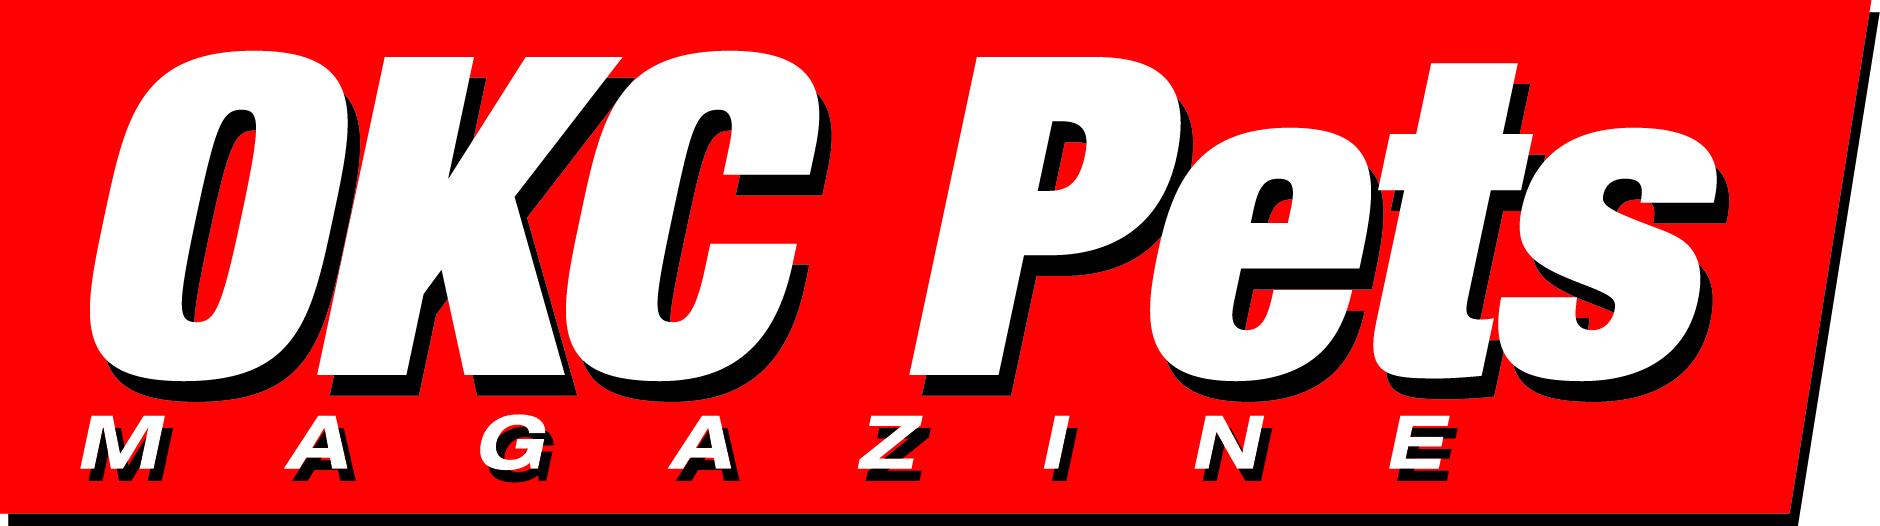 OKCPetsMagazineIV_logo.jpg